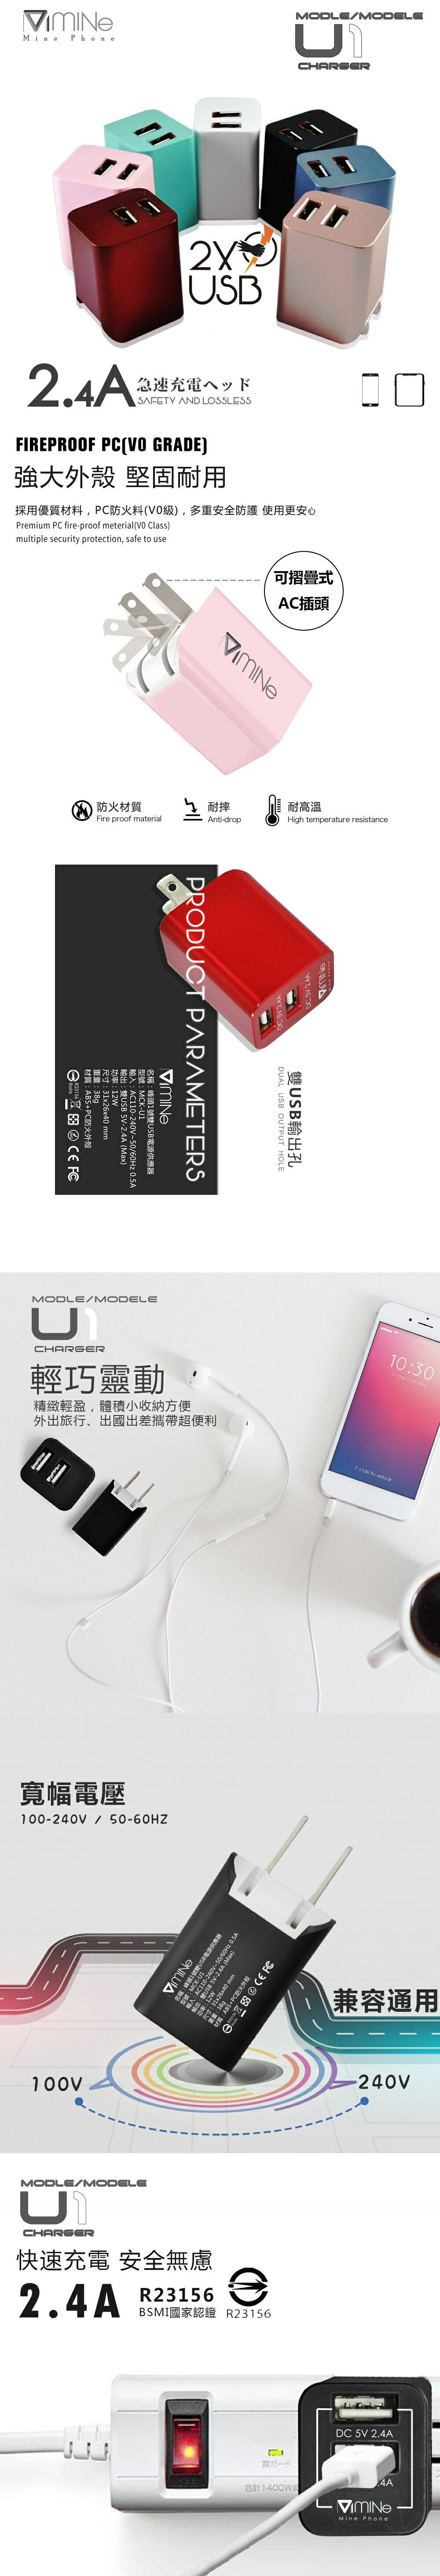 MCK U1 2.4A雙USB電源供應器